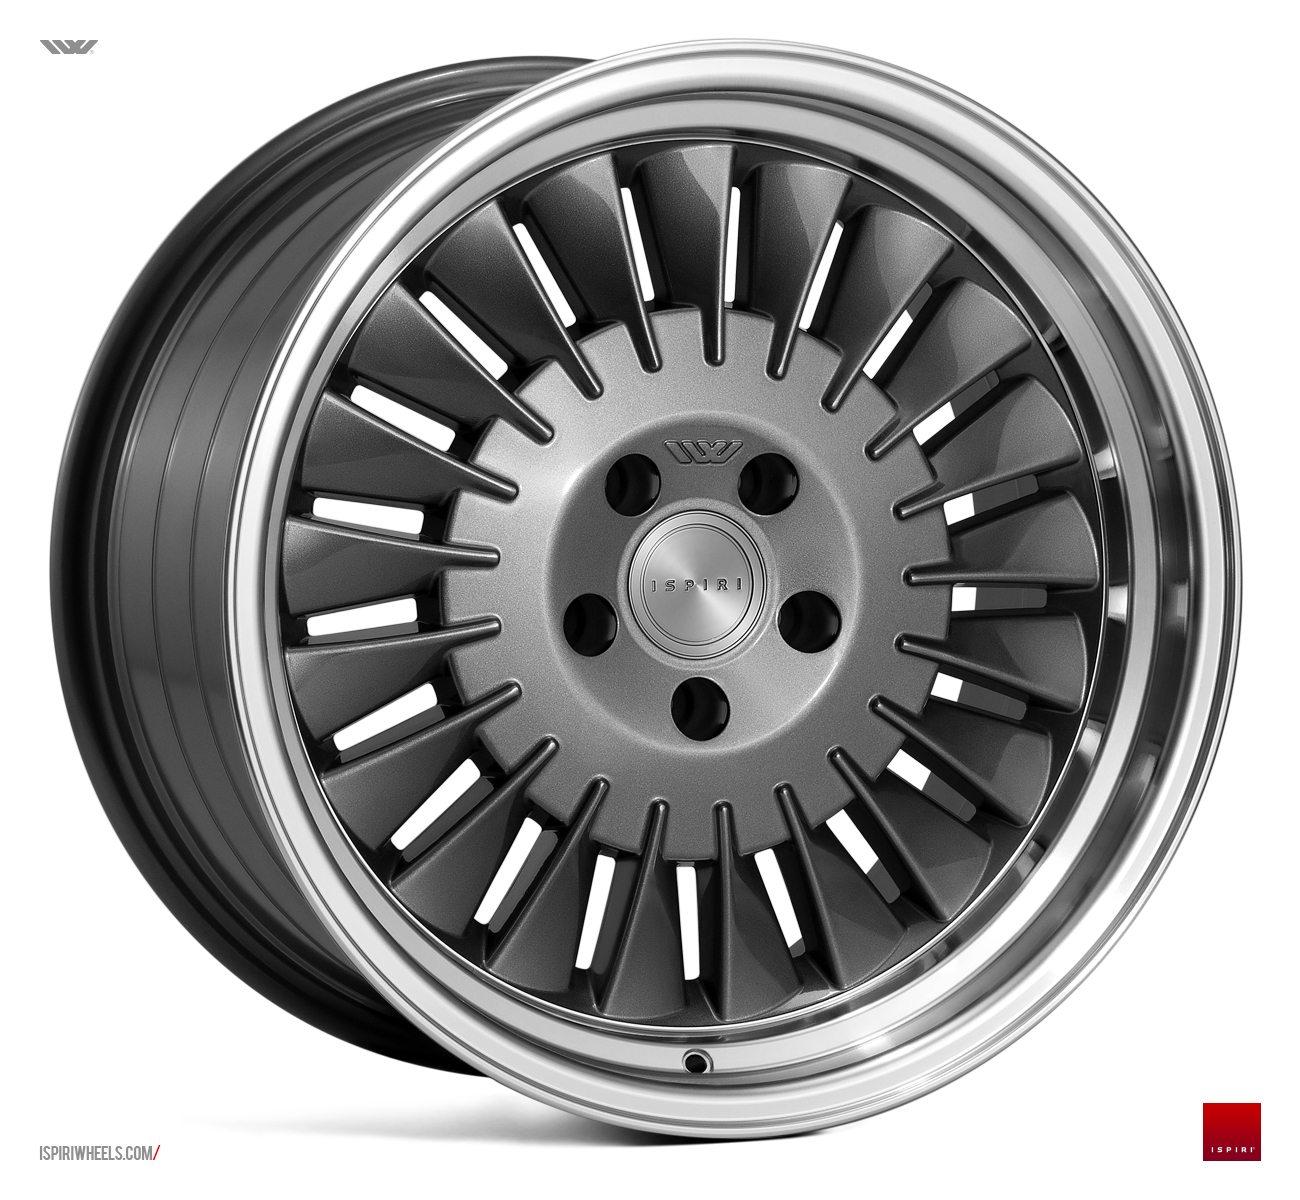 IW Automotive - CSR1D (Carbon Graphite)